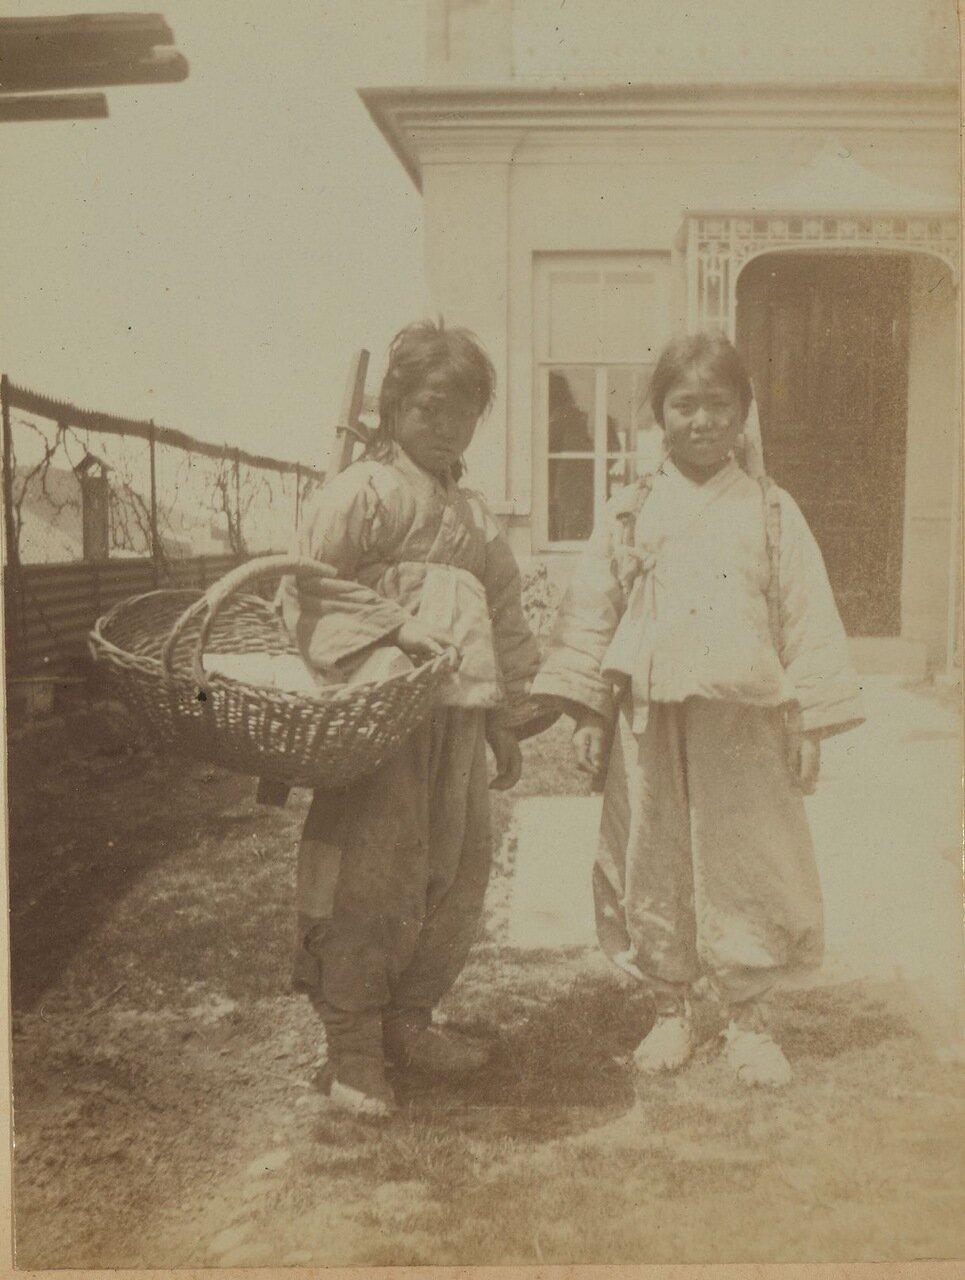 Два корейских ребенка, которые помогали Элеоноре Прэй принести домой свои покупки с рынка